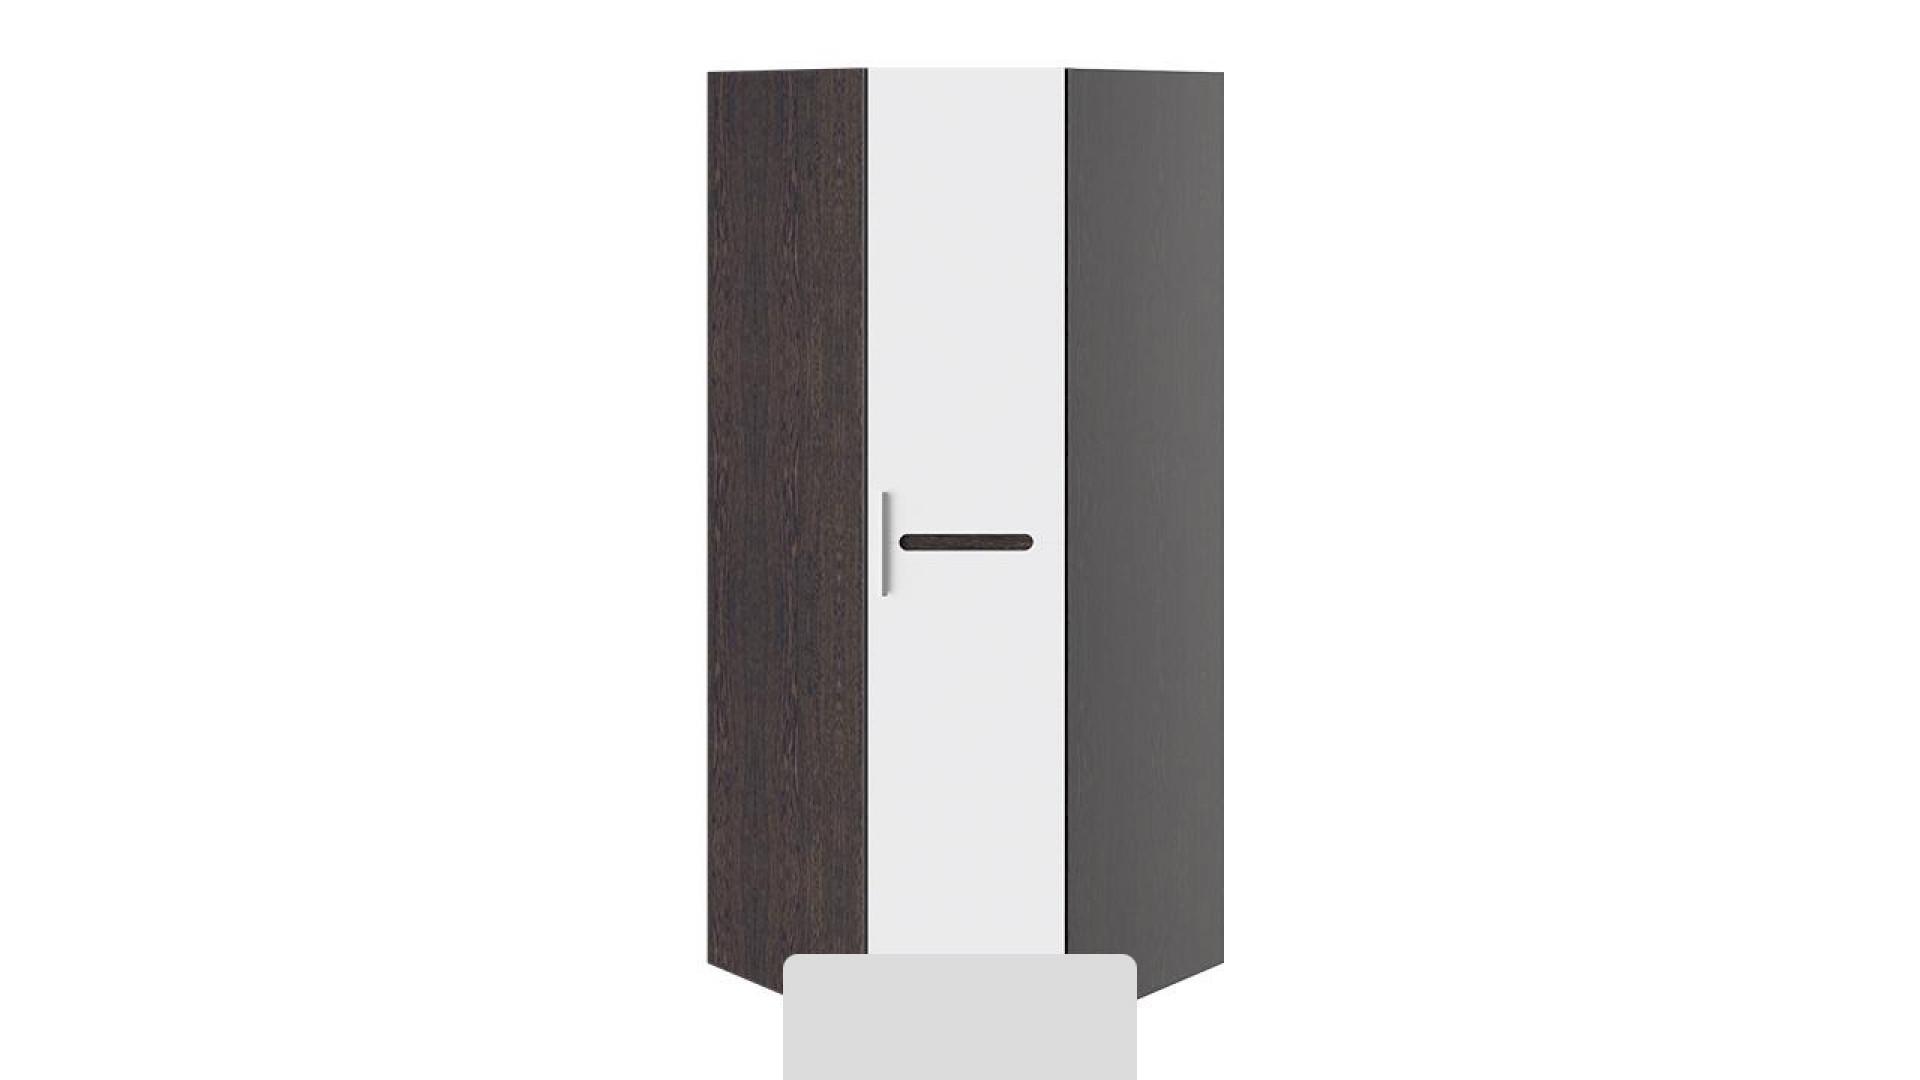 Шкаф угловой с 1-ой глухой дверью Фьюжн (Белый глянец, Венге Линум)